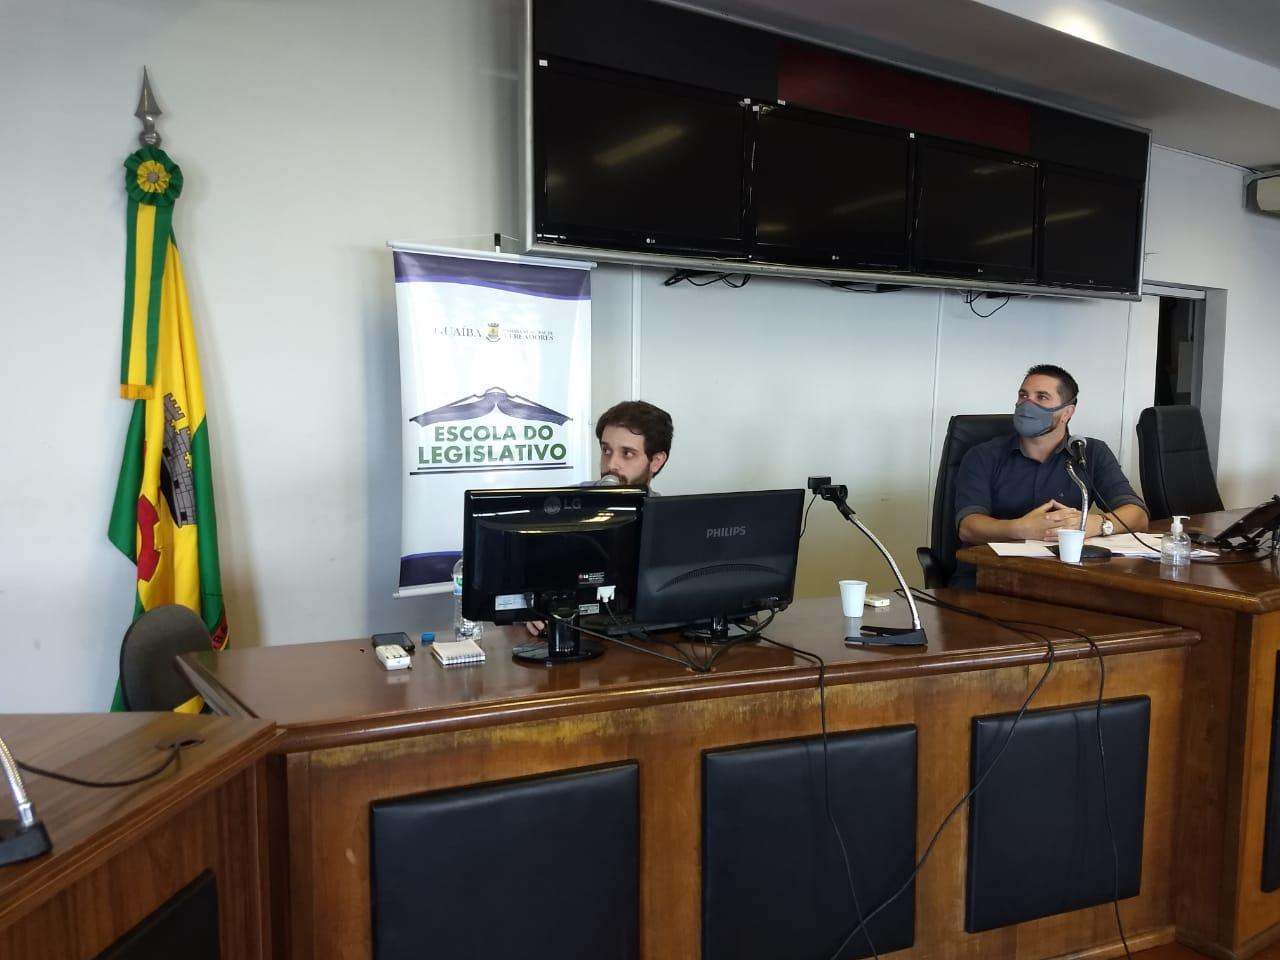 Escola do Legislativo – Servidores participam de curso de capacitação